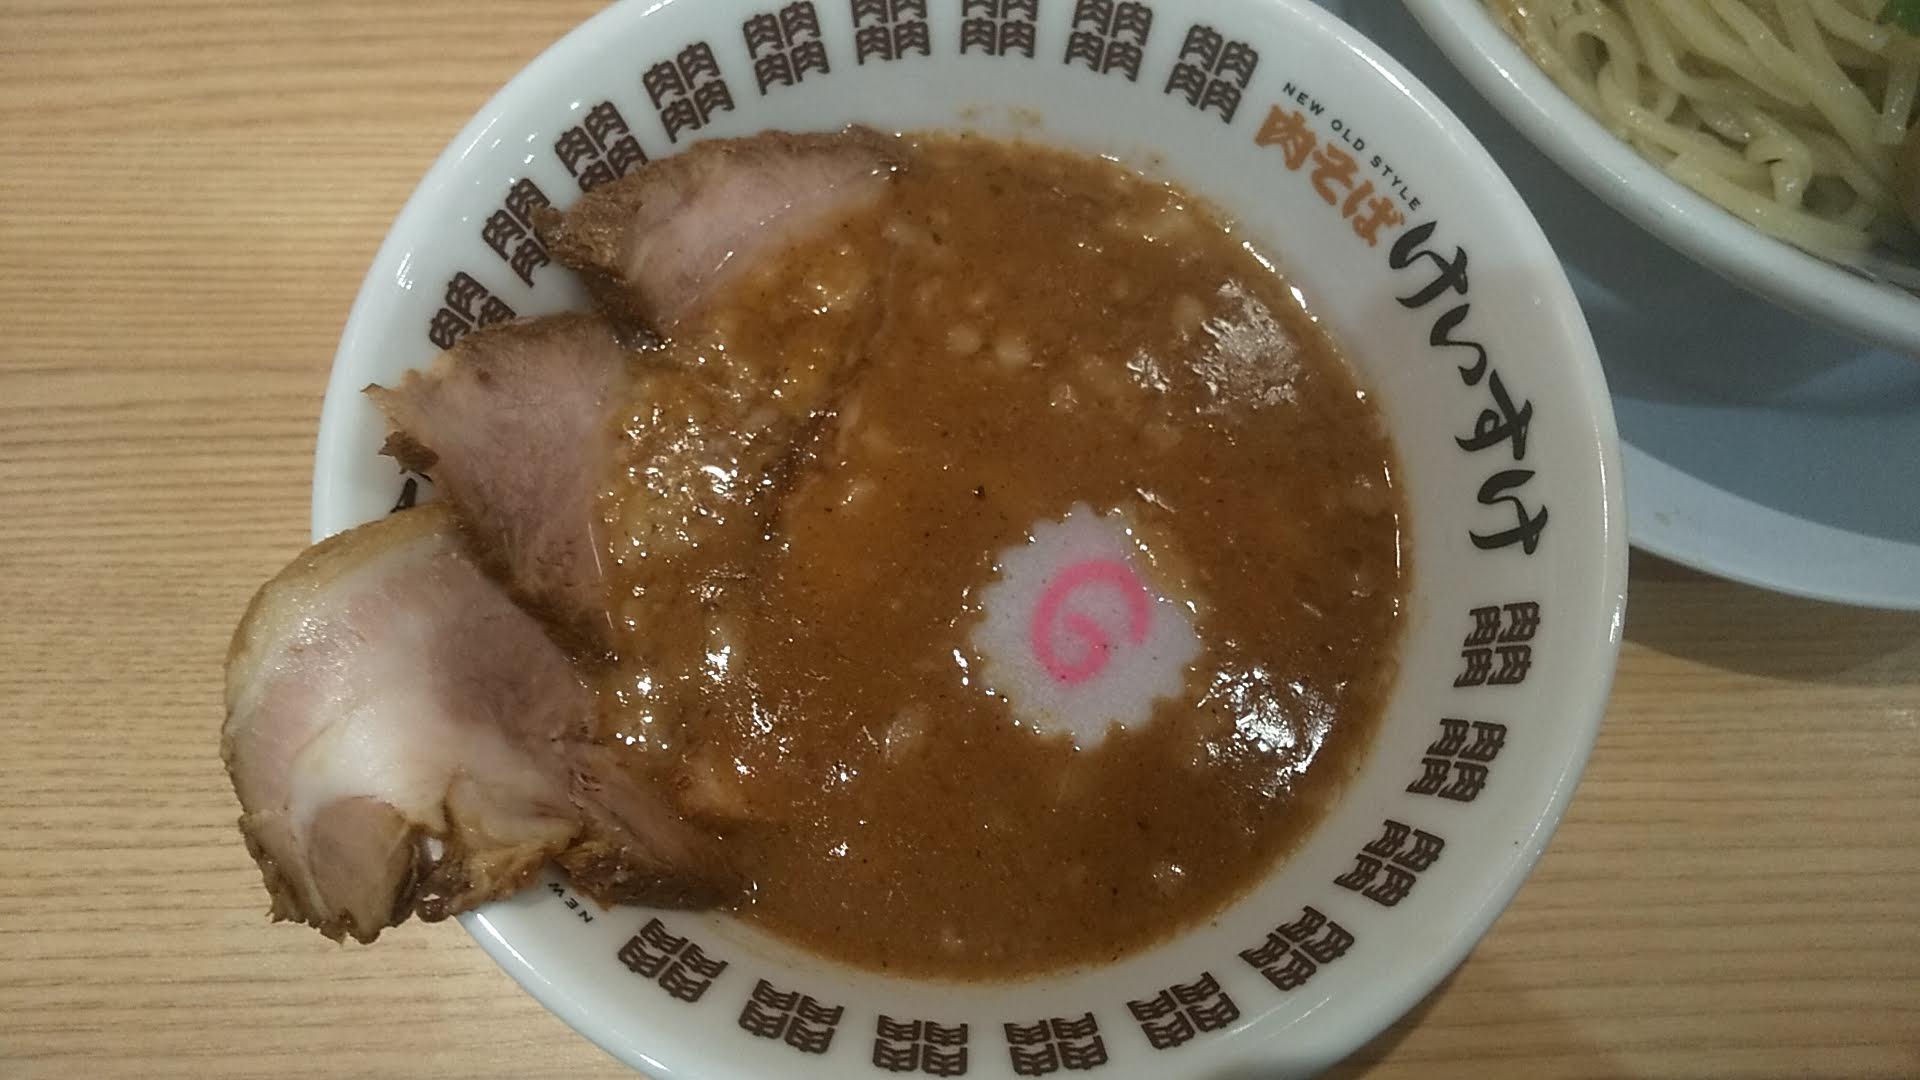 肉そばけいすけ錦糸町店の濃厚魚介つけ麺スペシャルのつけ汁